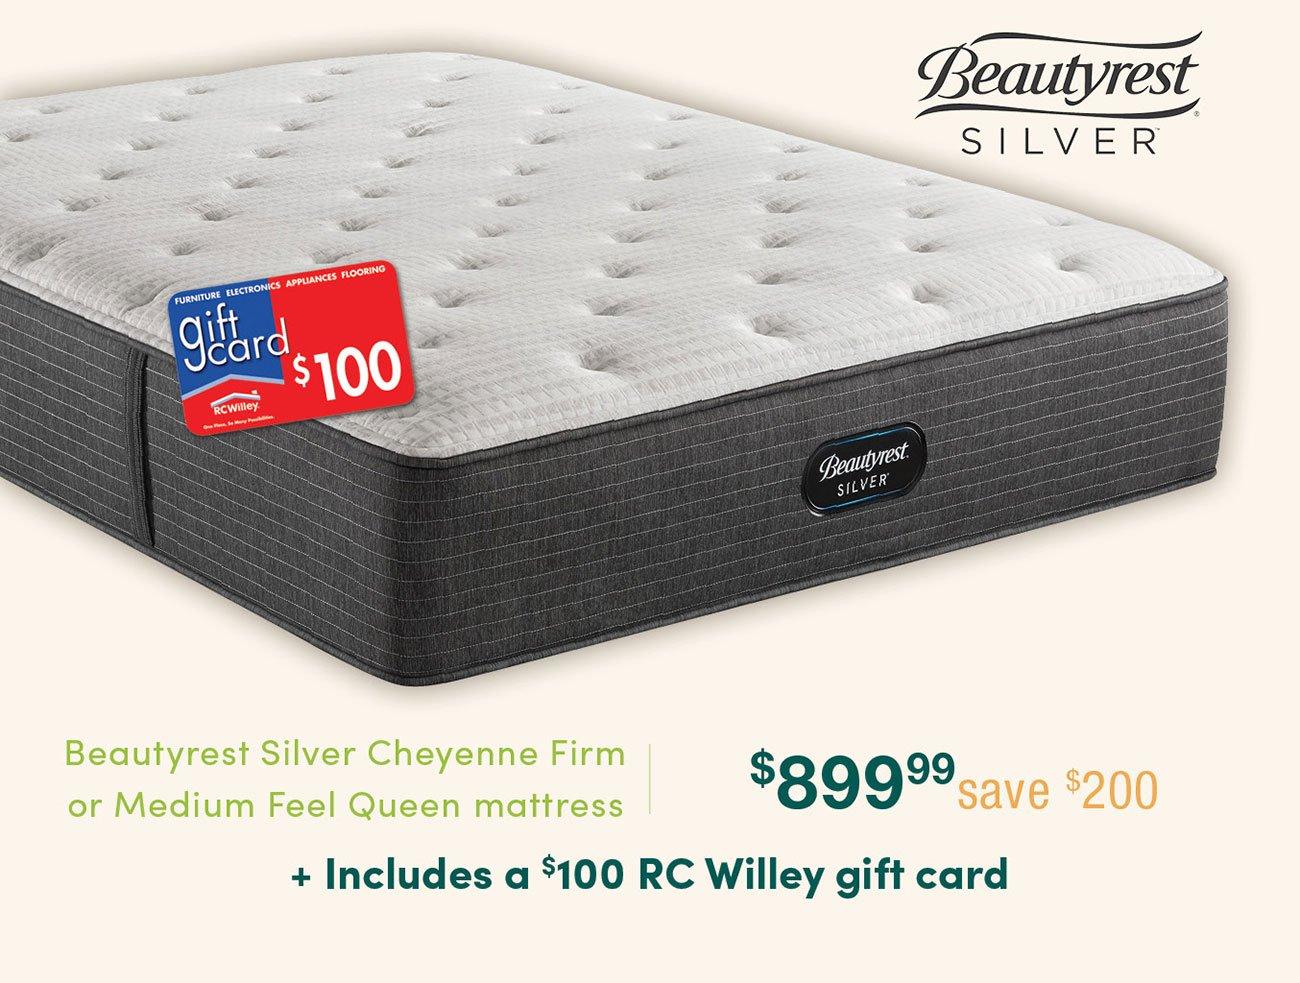 Beautyrest-silver-queen-mattress